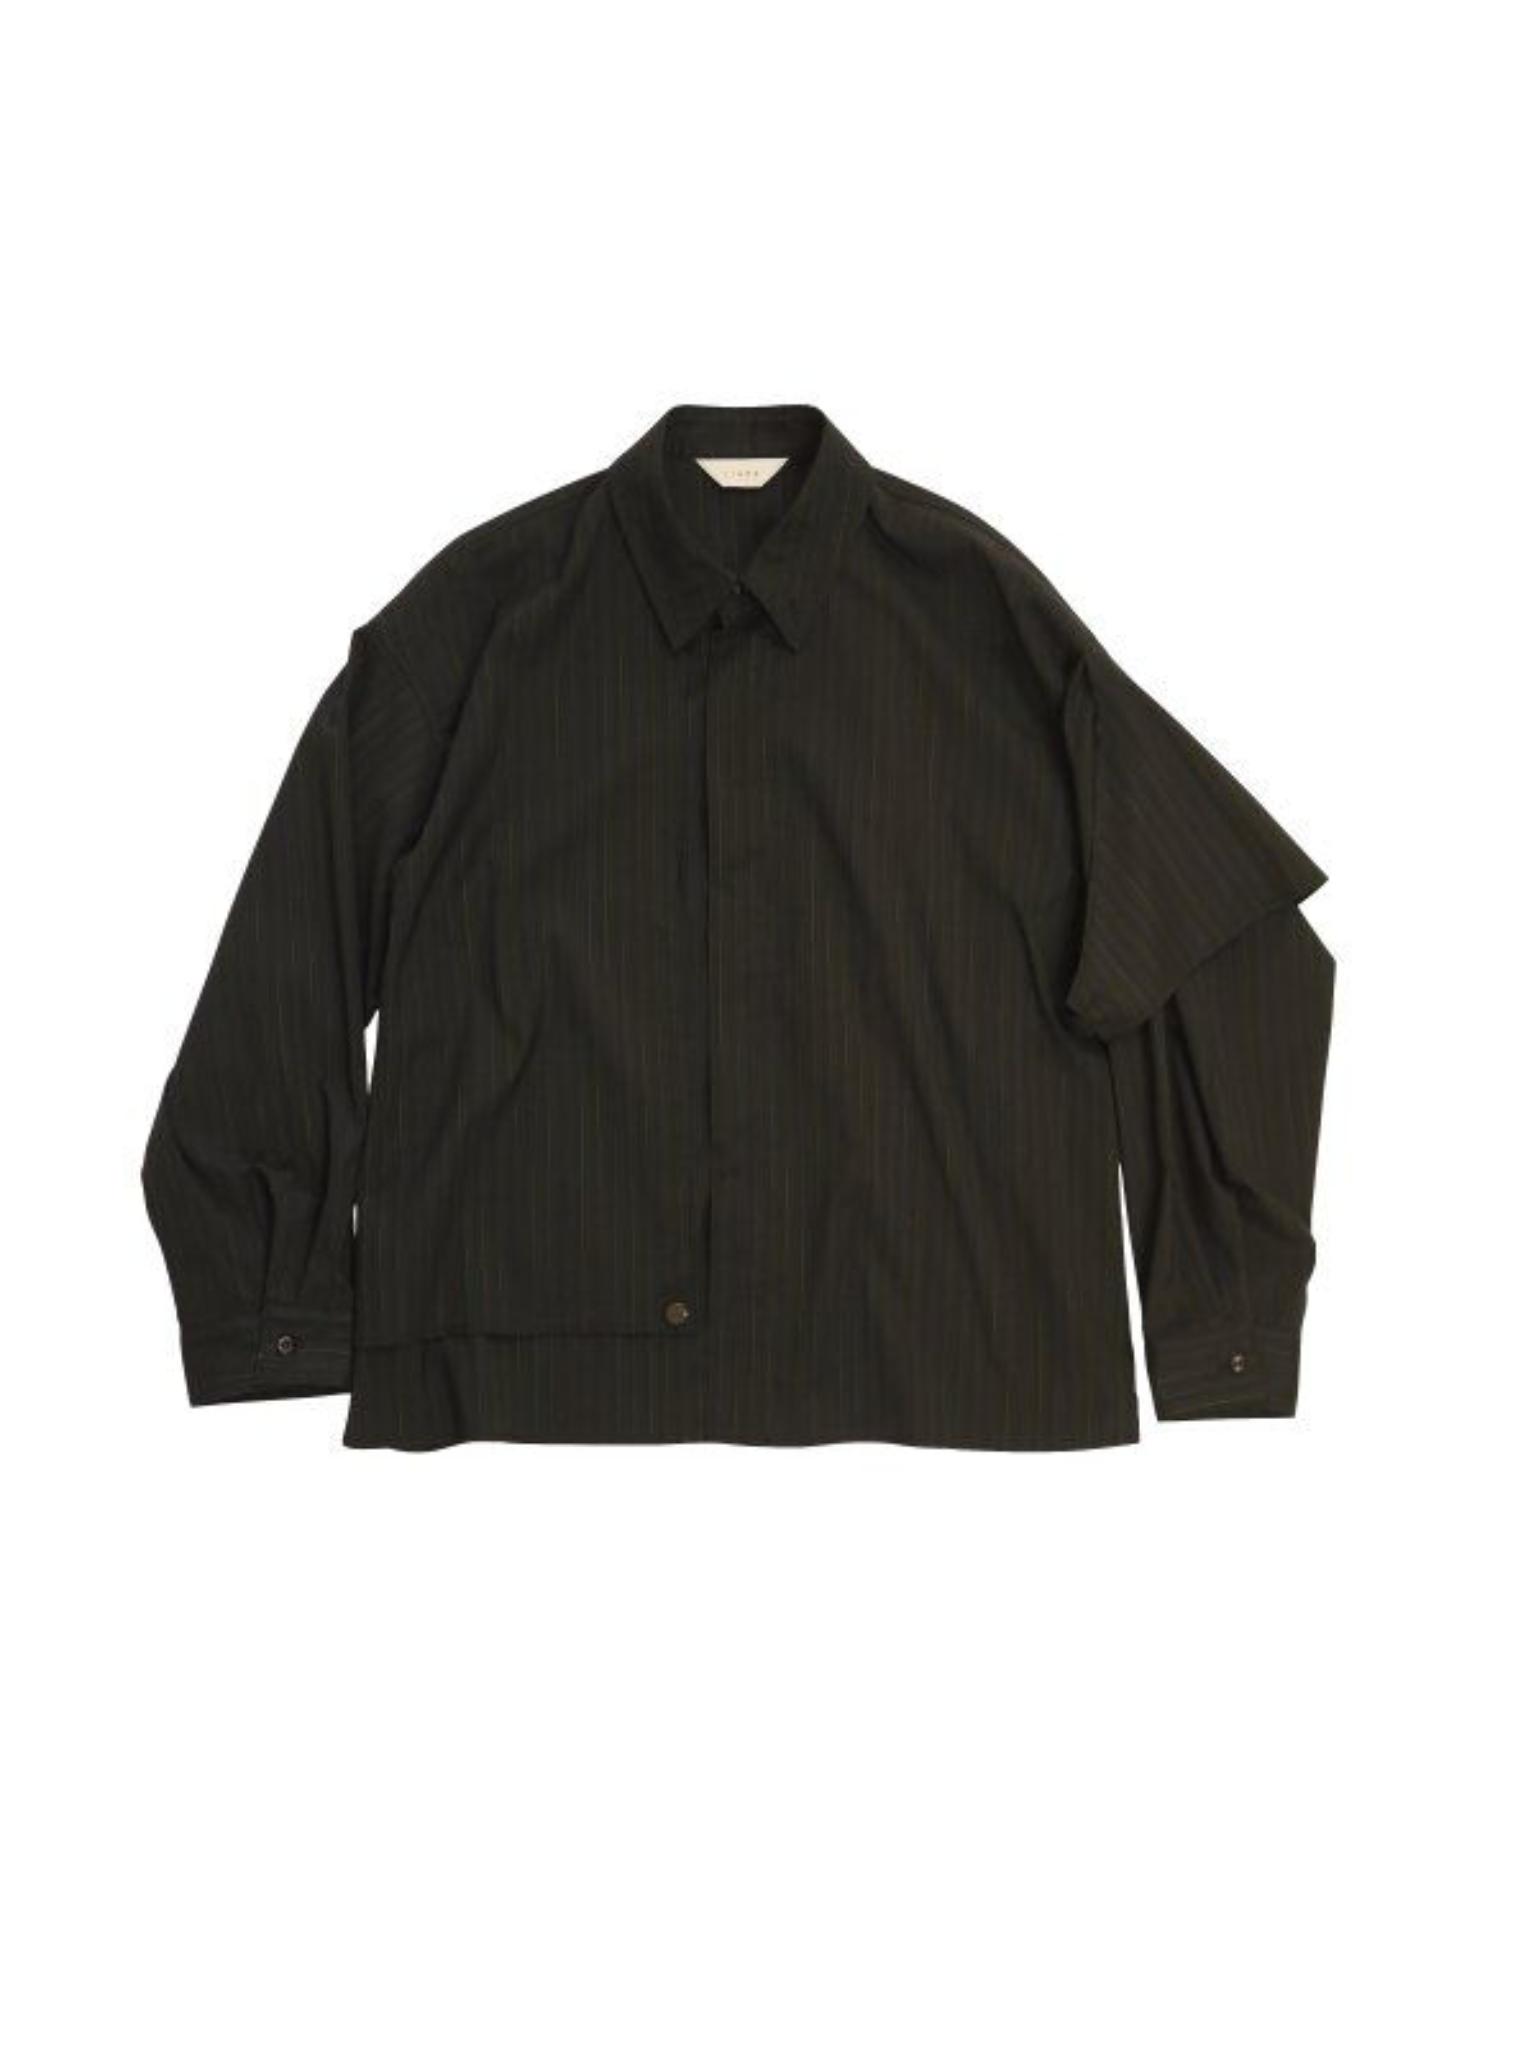 【JieDa】《21SS》シルクストライプトレンチシャツ Jie-21S-SH10